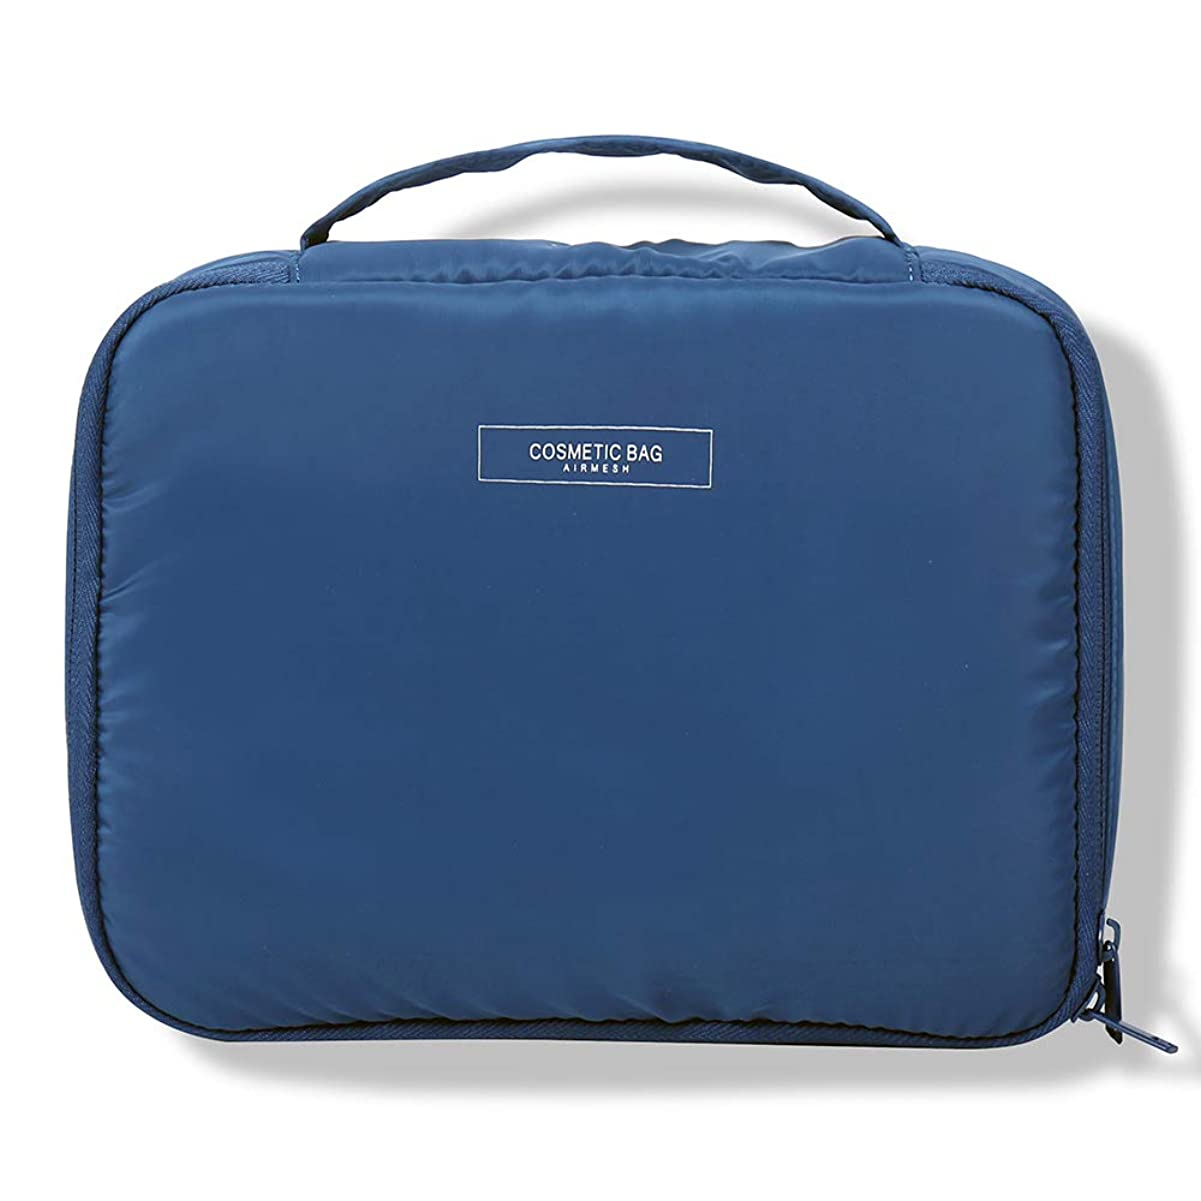 いたずらからかう廃止するメイクボックス 高品質 機能的 大容量 化粧ポーチ メイクブラシバッグ 収納ケース スーツケース?トラベルバッグ 化粧 バッグ メイクブラシ 化粧道具 小物入れ 旅行 ネビー